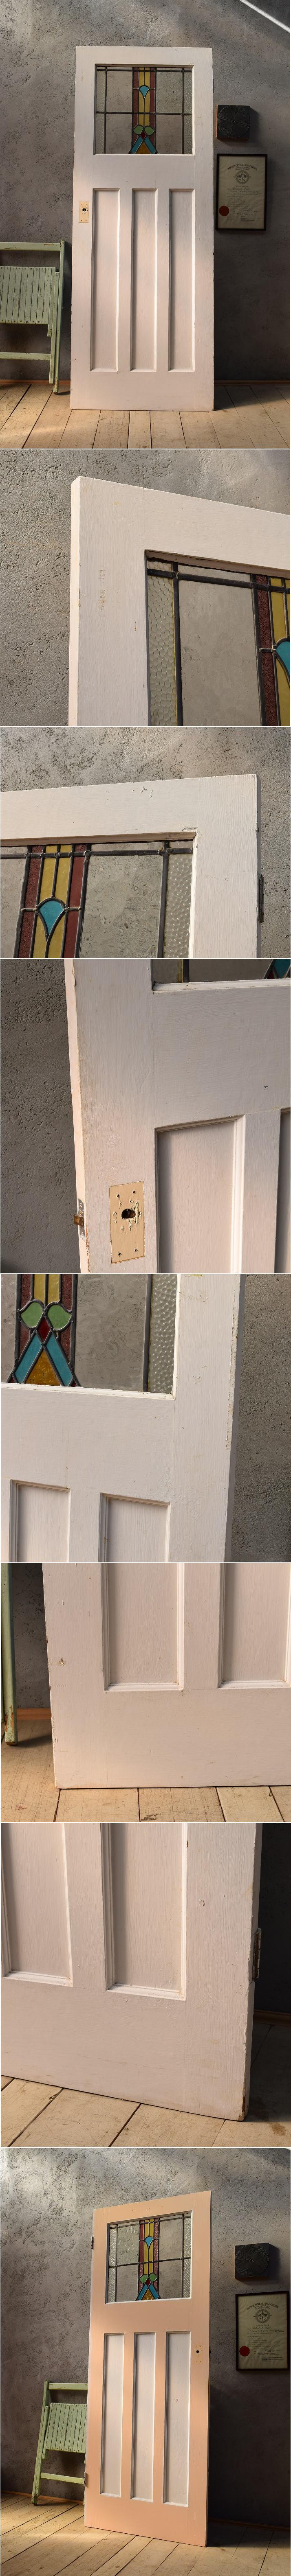 イギリス アンティーク ステンドグラス入り木製ドア 扉 ディスプレイ 建具 6603